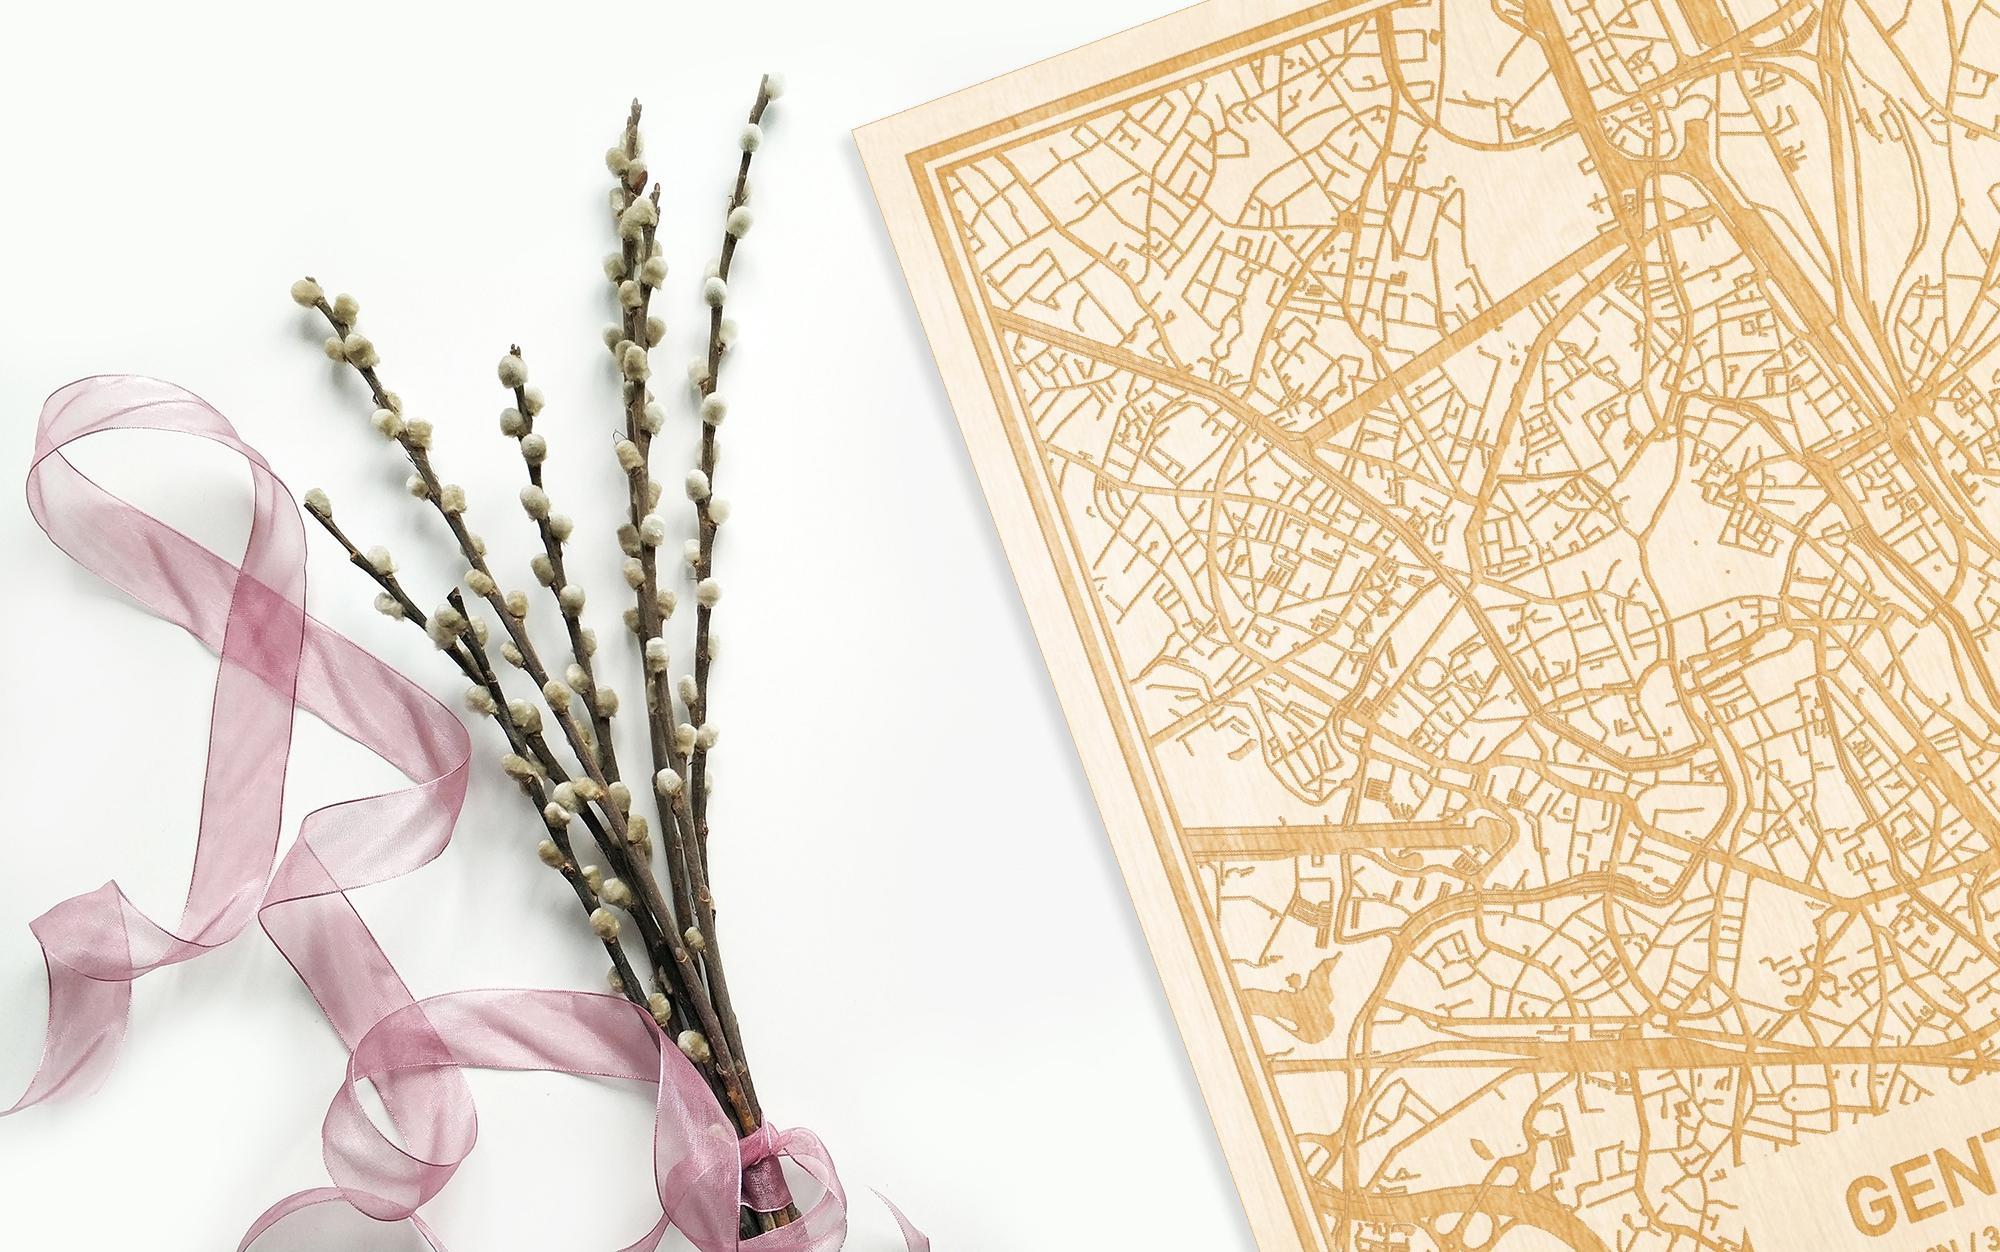 Hier ligt de houten plattegrond Gent naast een bloemetje als gepersonaliseerd cadeau voor haar.